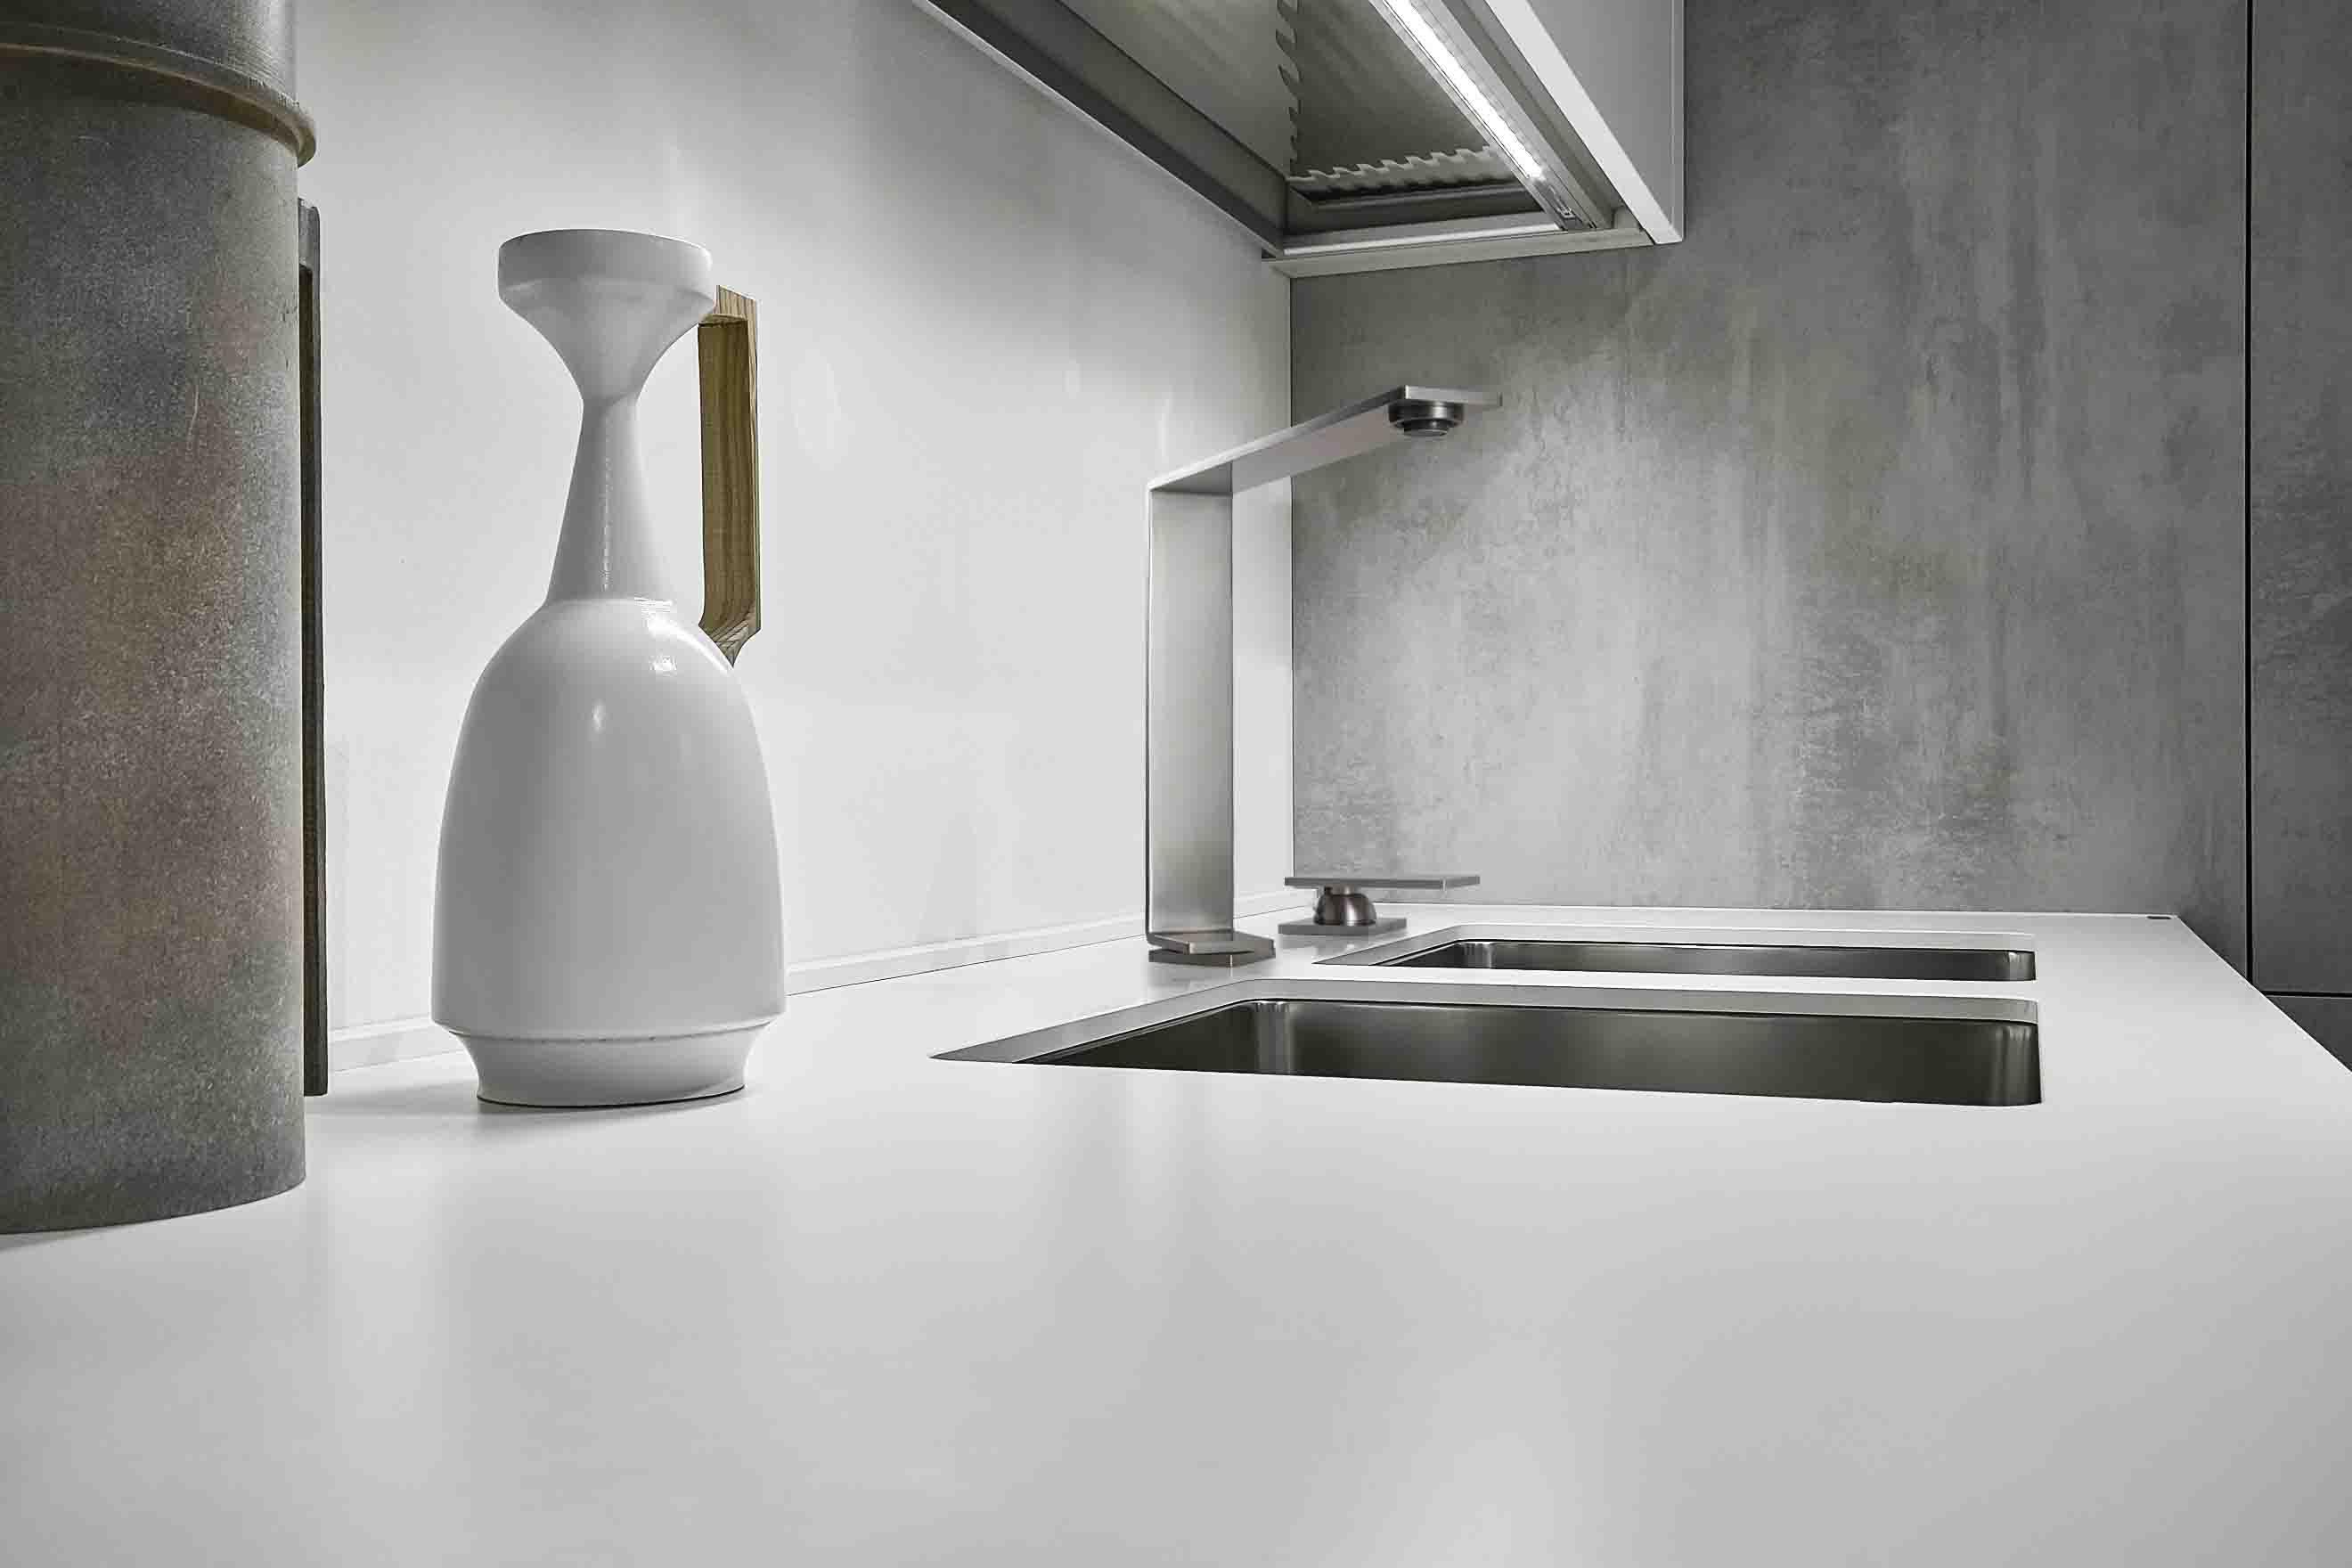 Acciaio moderno per la cucina con rubinetteria 5MM.